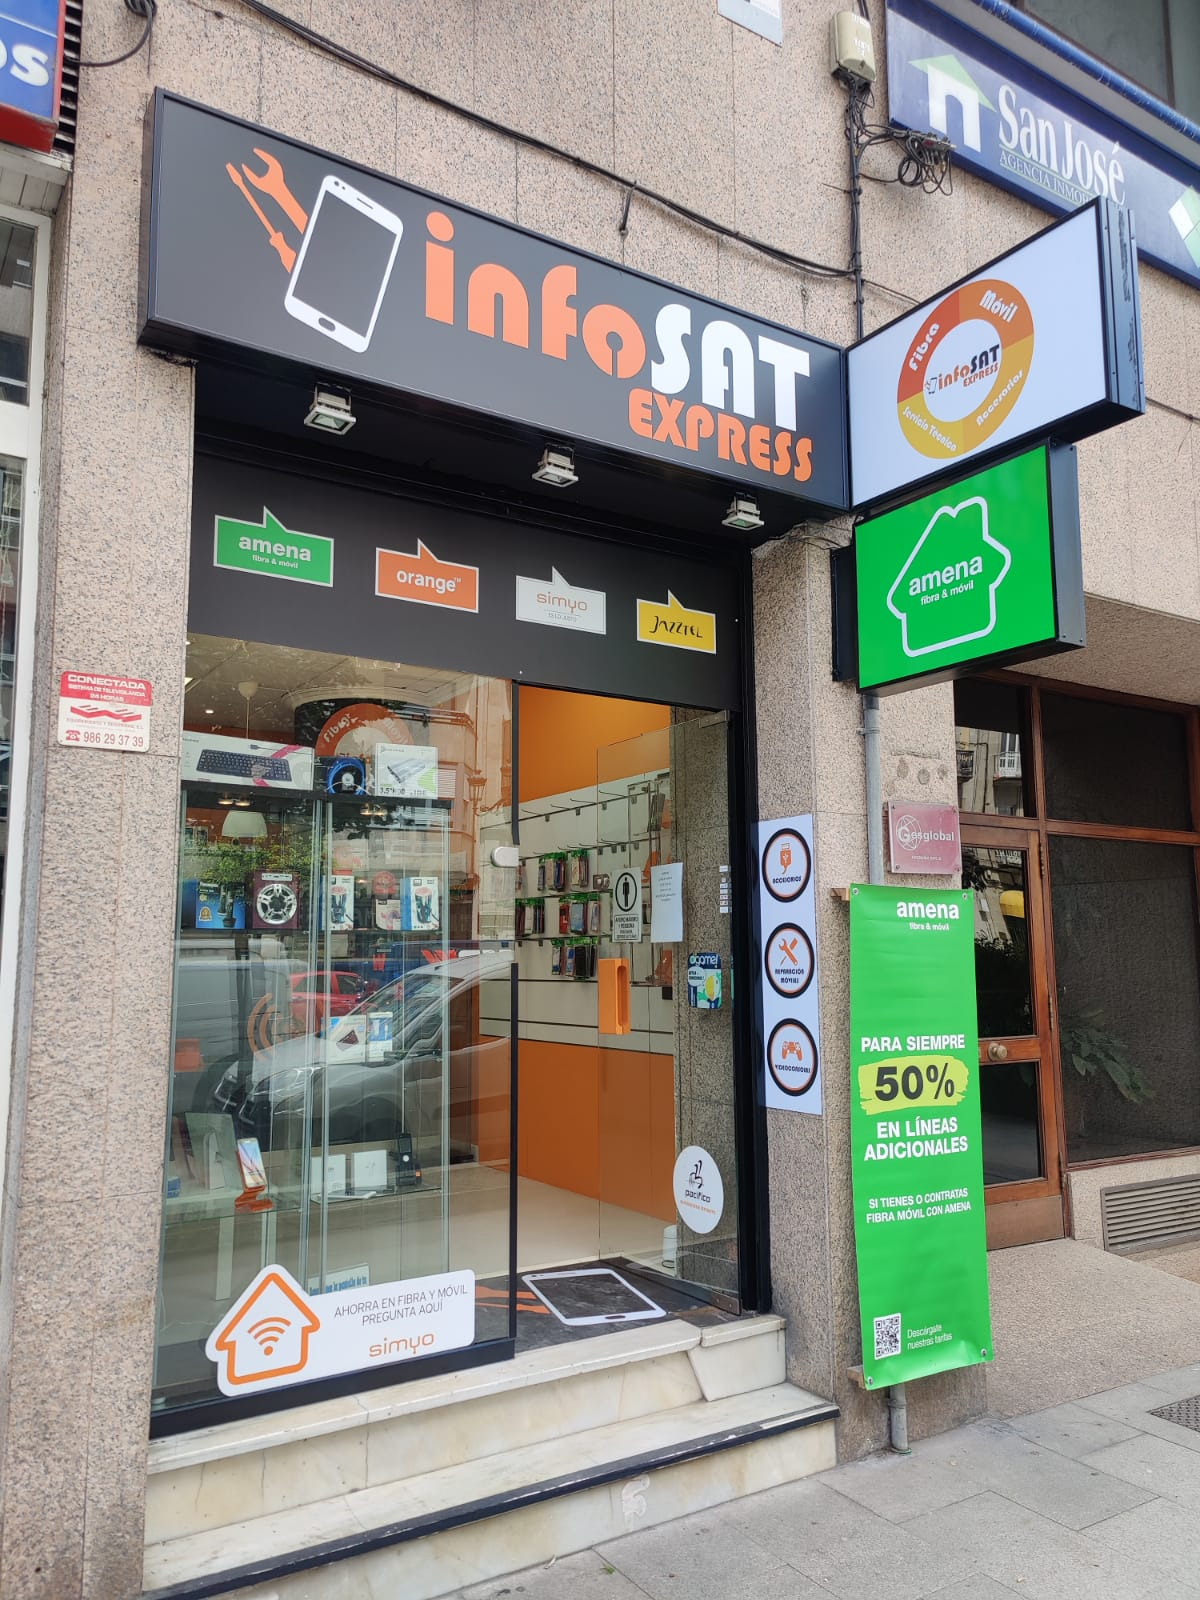 infosat express